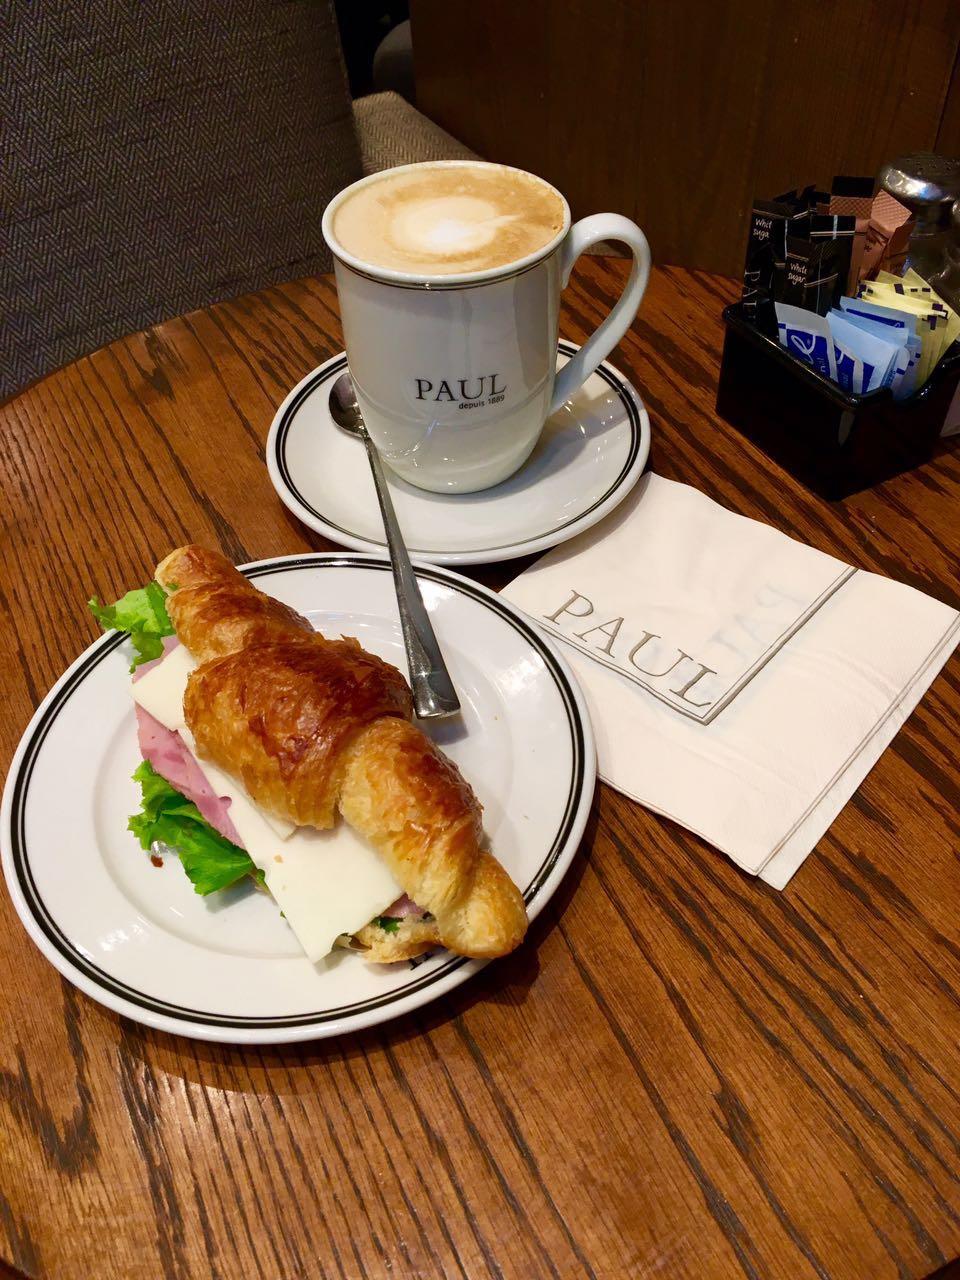 בית קפה PAUL הפריסאי בבנגקוק